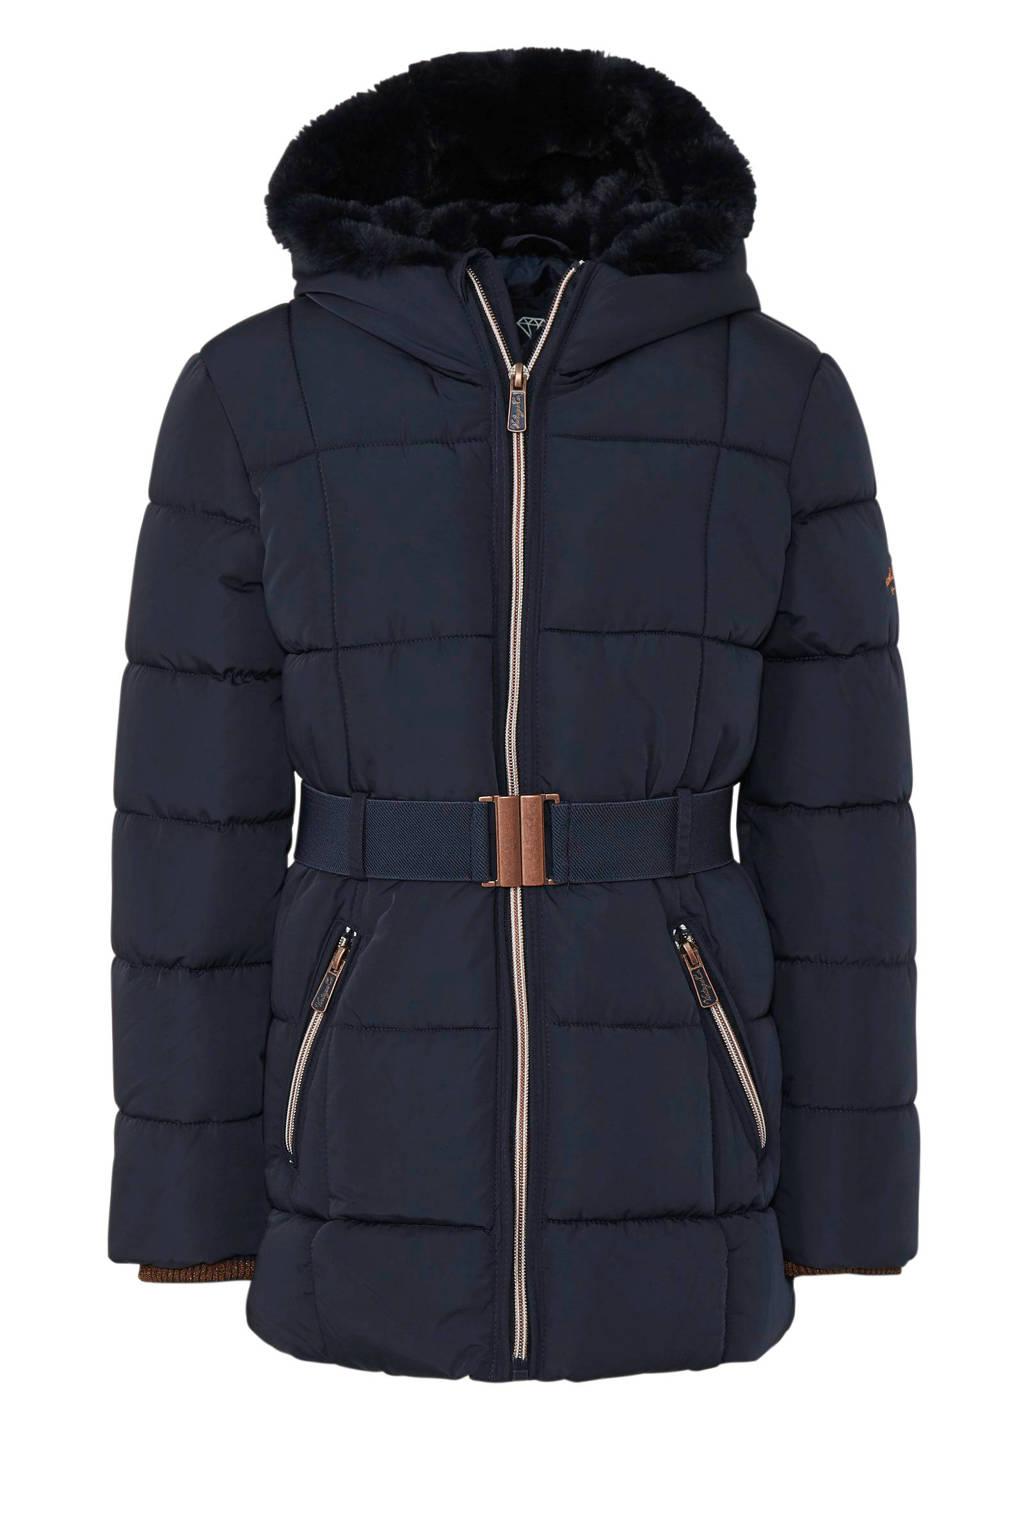 C&A Here & There winterjas met ceintuur donkerblauw, Donkerblauw